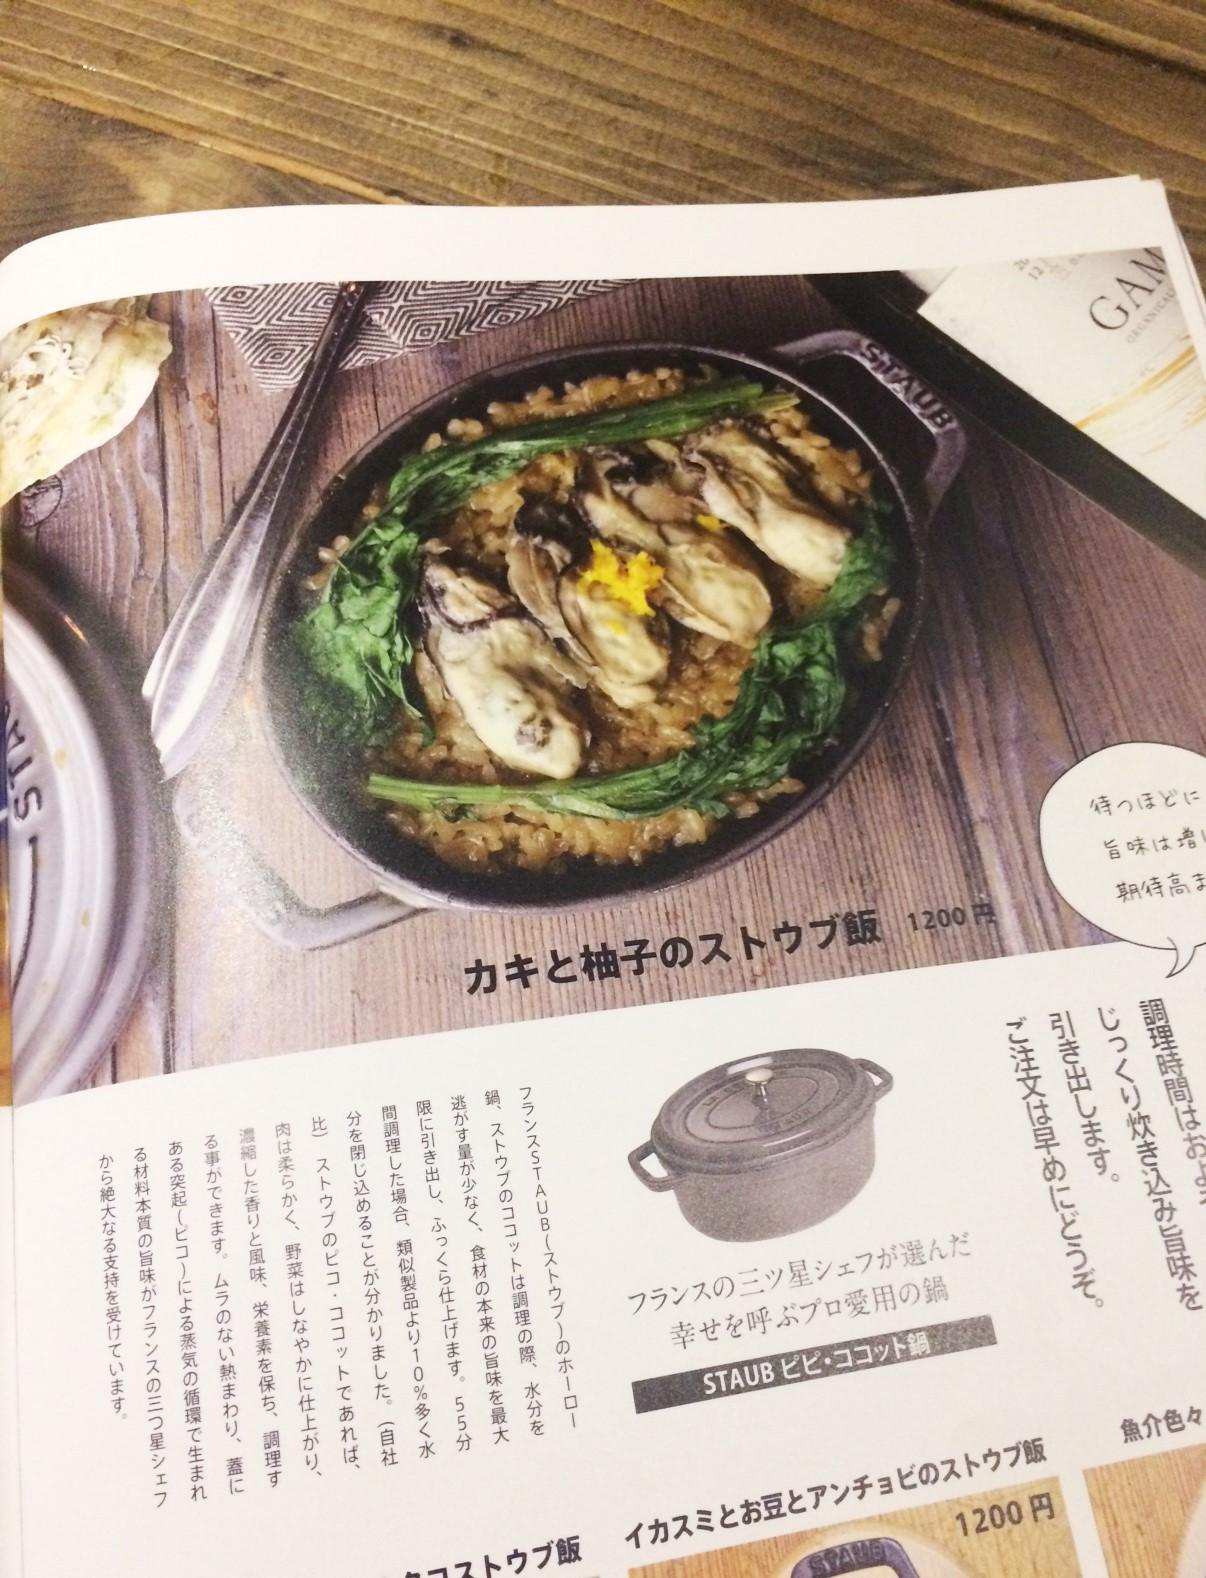 栄養たっぷりの新鮮なカキを名古屋で堪能!海外風オイスターバー「メリケンサカナ」 - memuzasshi